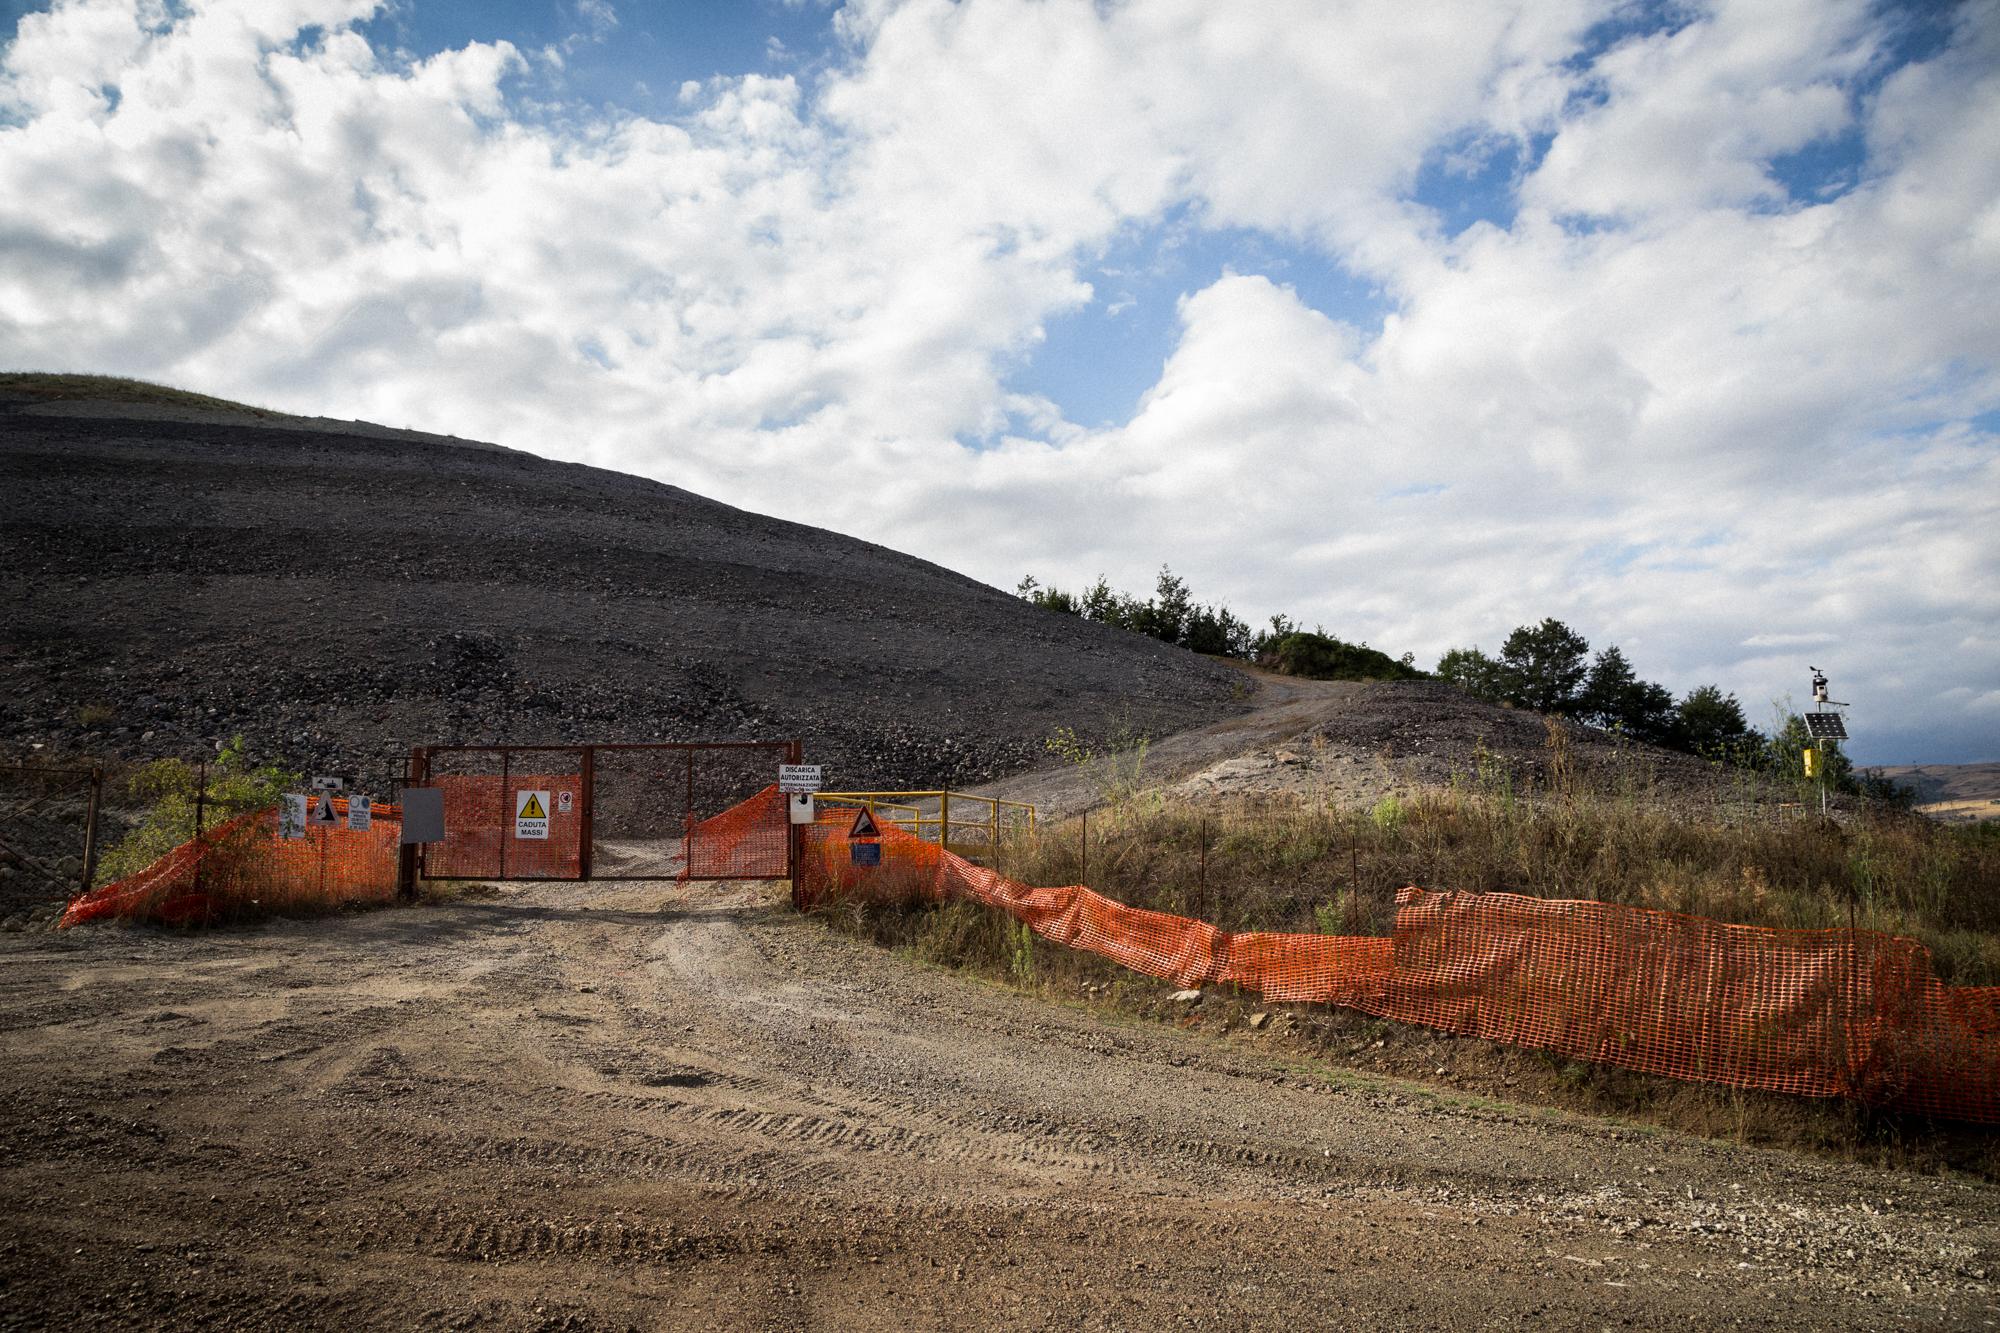 Ingresso di una discarica autorizzata su una delle montagne che costeggia l'area Industriale. Tito (Zona Industriale), Agosto 2015